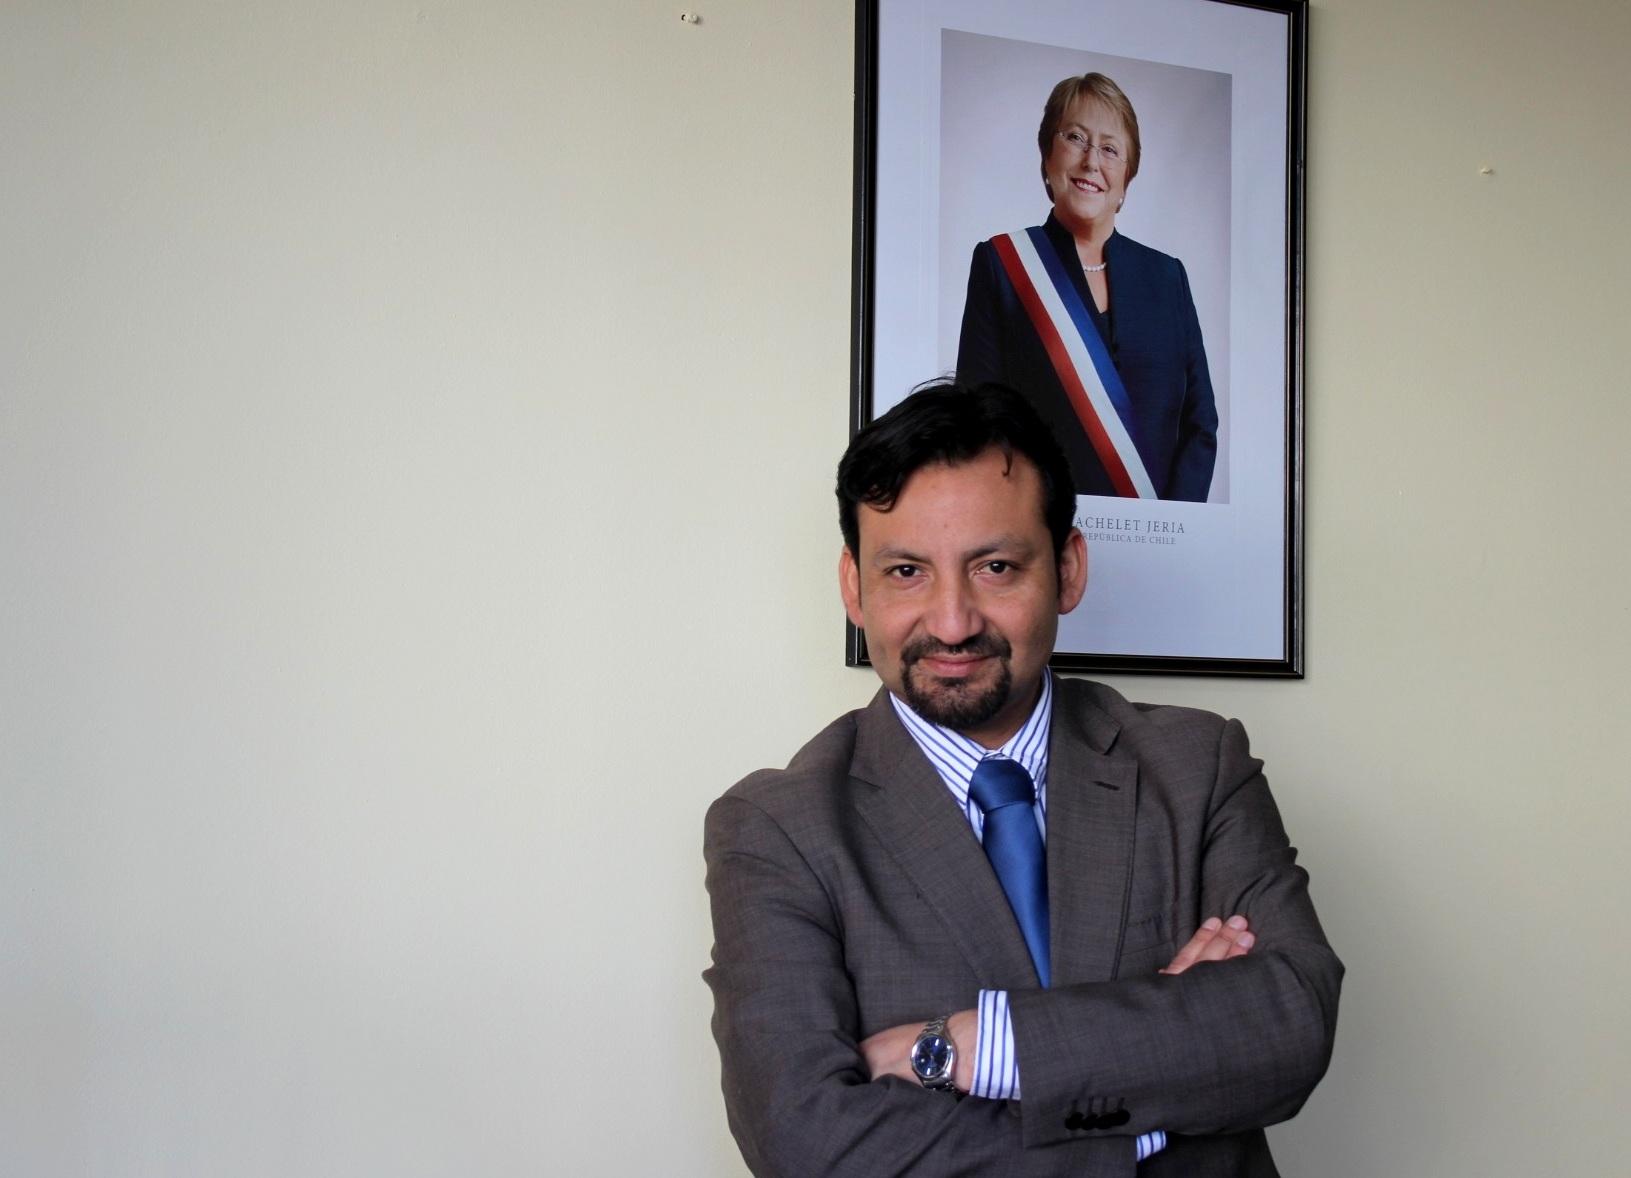 SEREMI DE GOBIERNO FRANCISCO REYES CASTRO